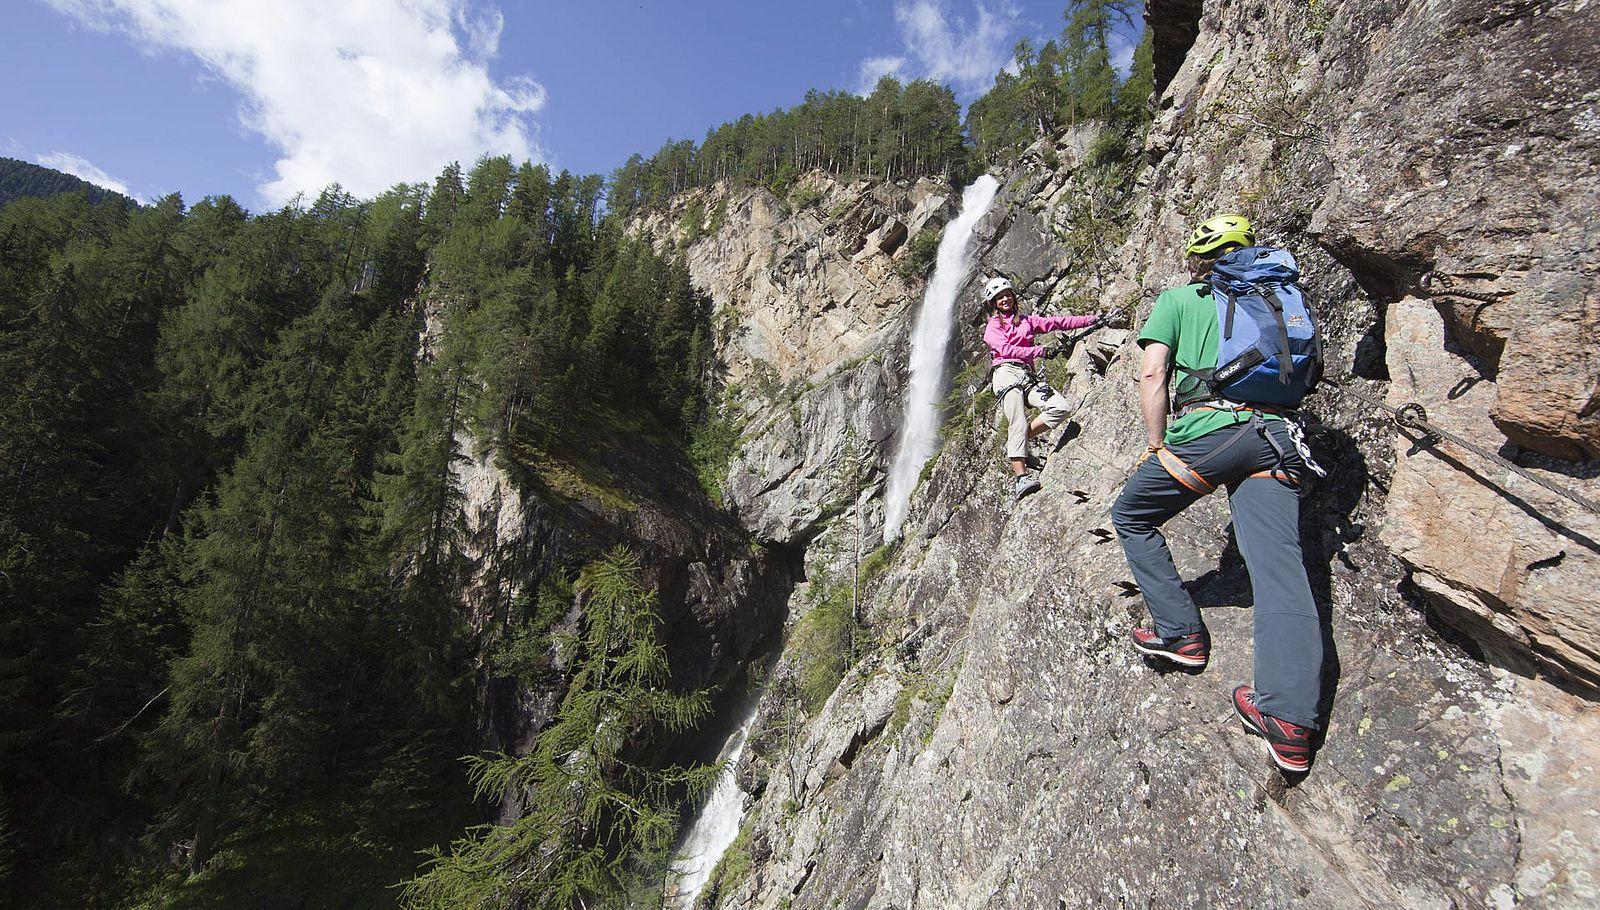 Höher, weiter, Fels – Klettern im Ötztal bedeutet Abenteuer